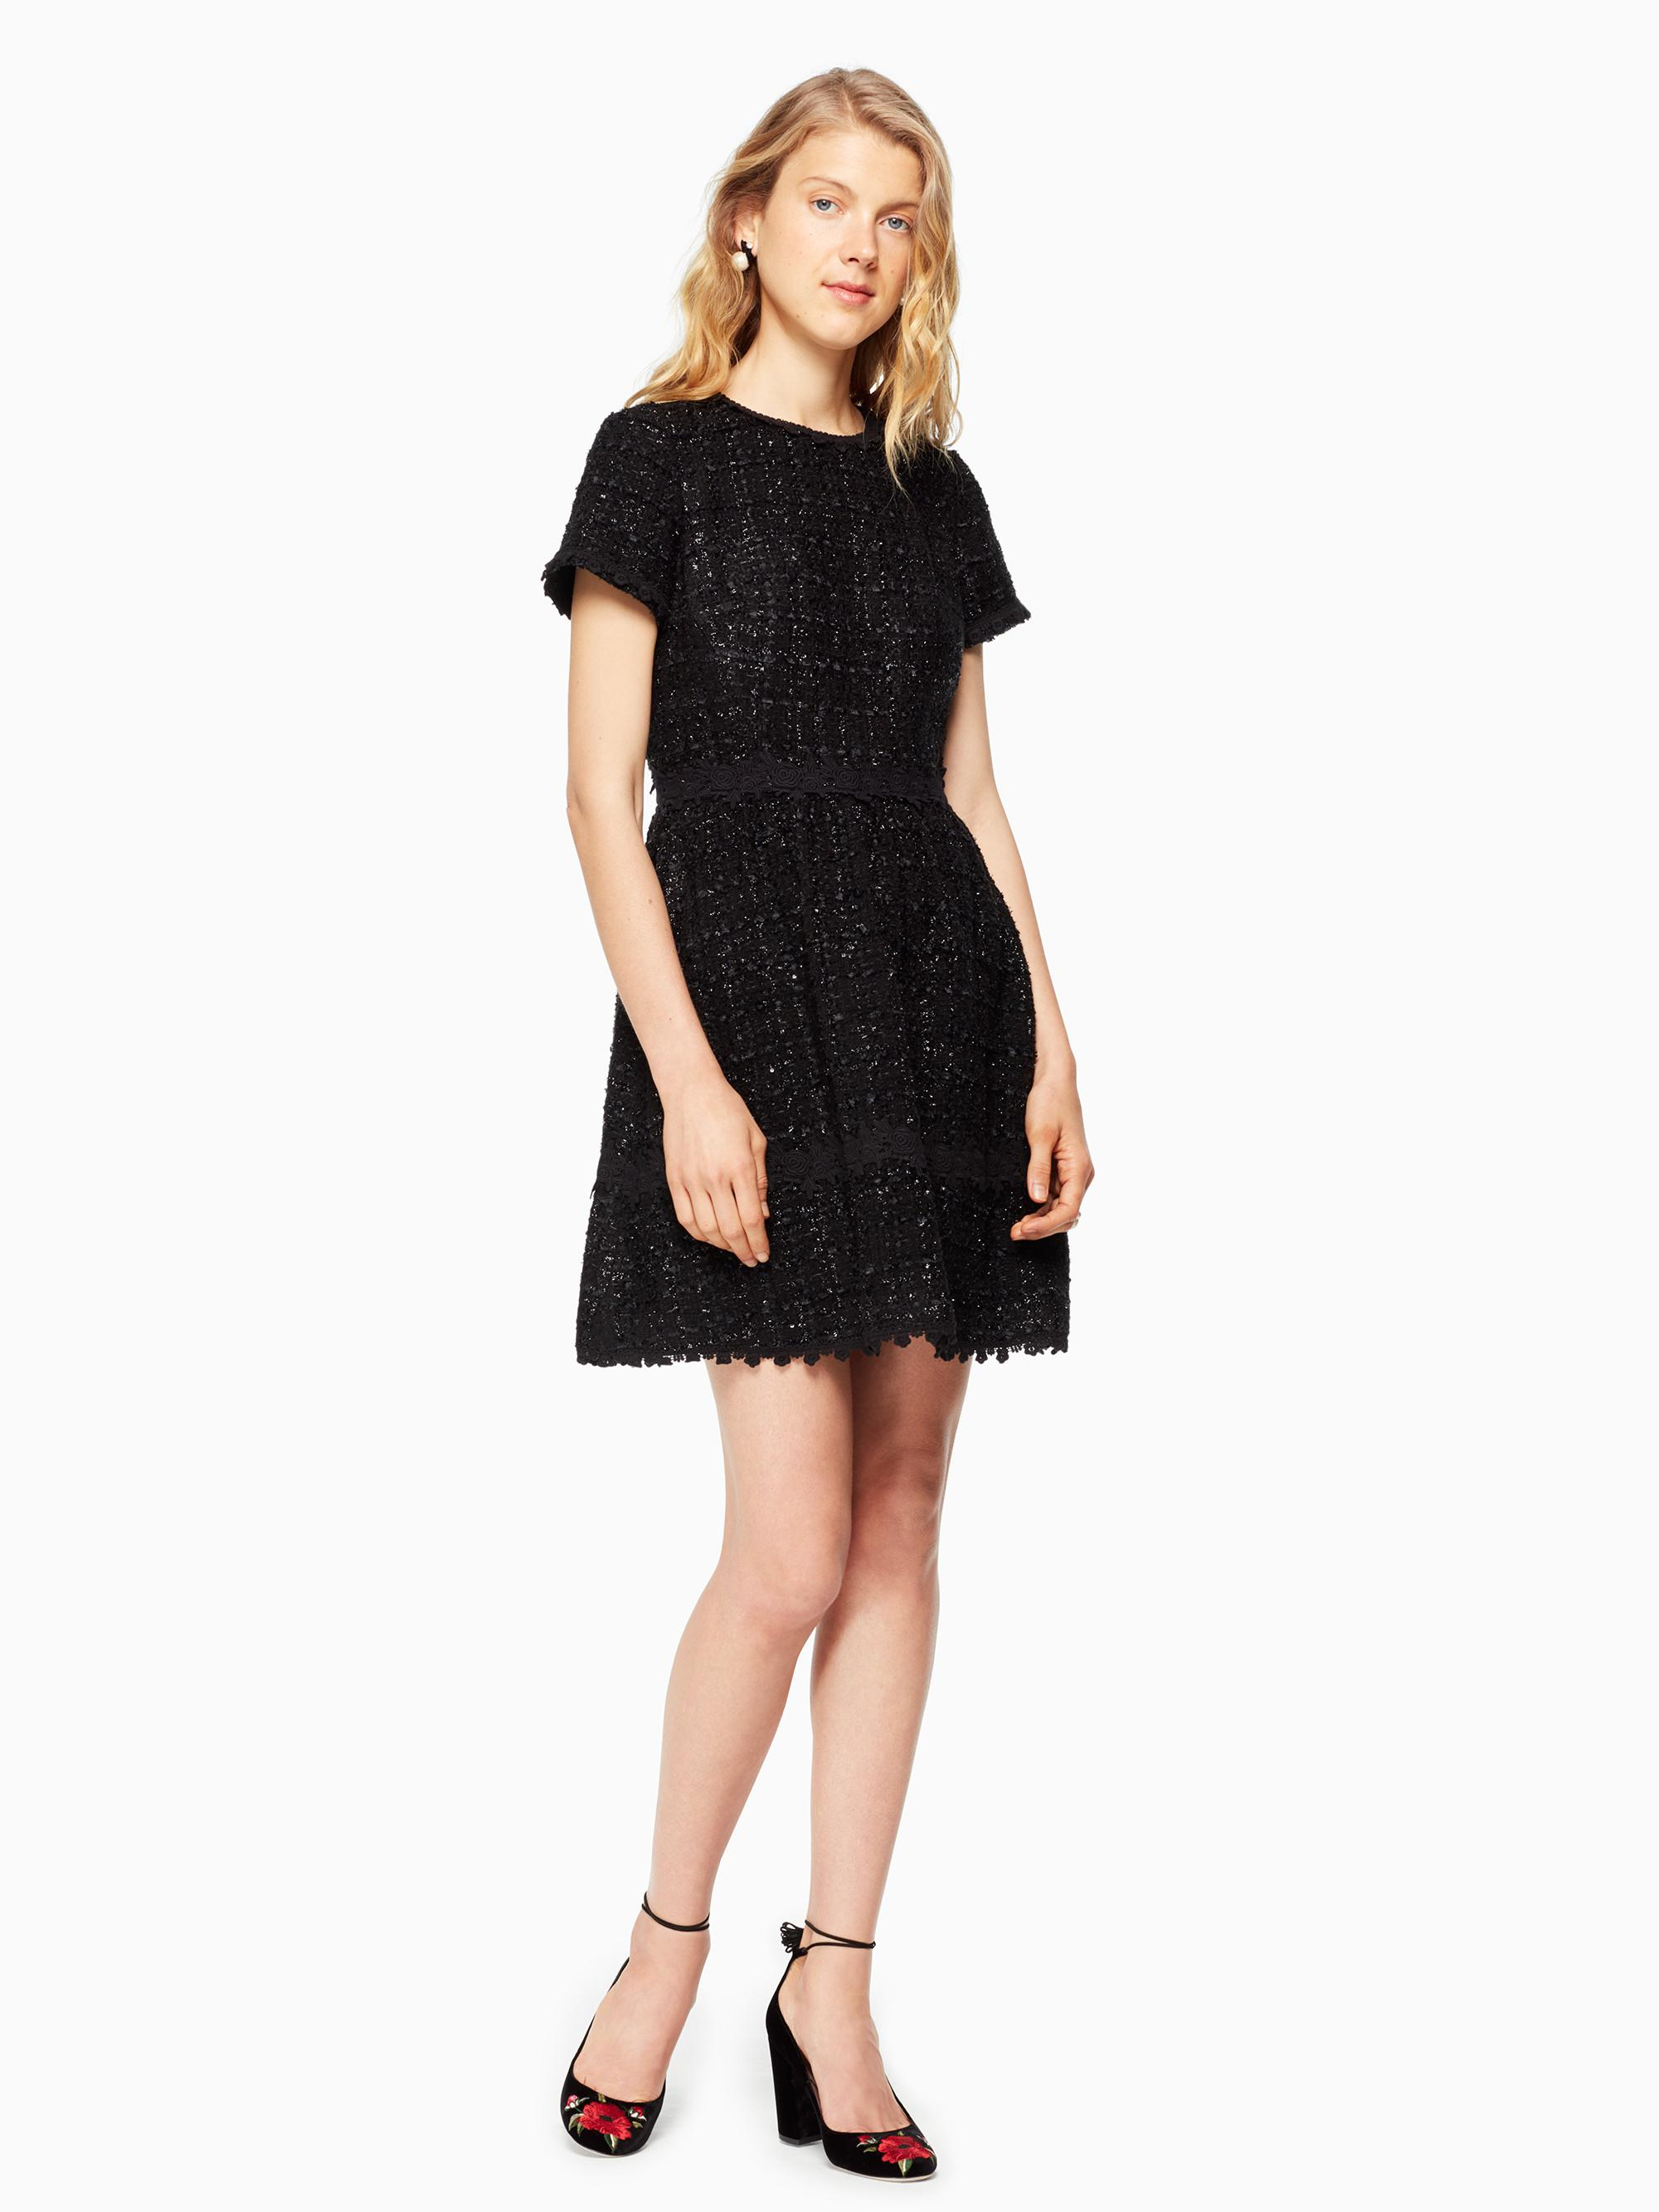 4e81af1dfecd Kate Spade Jayne Dress in Black - Lyst